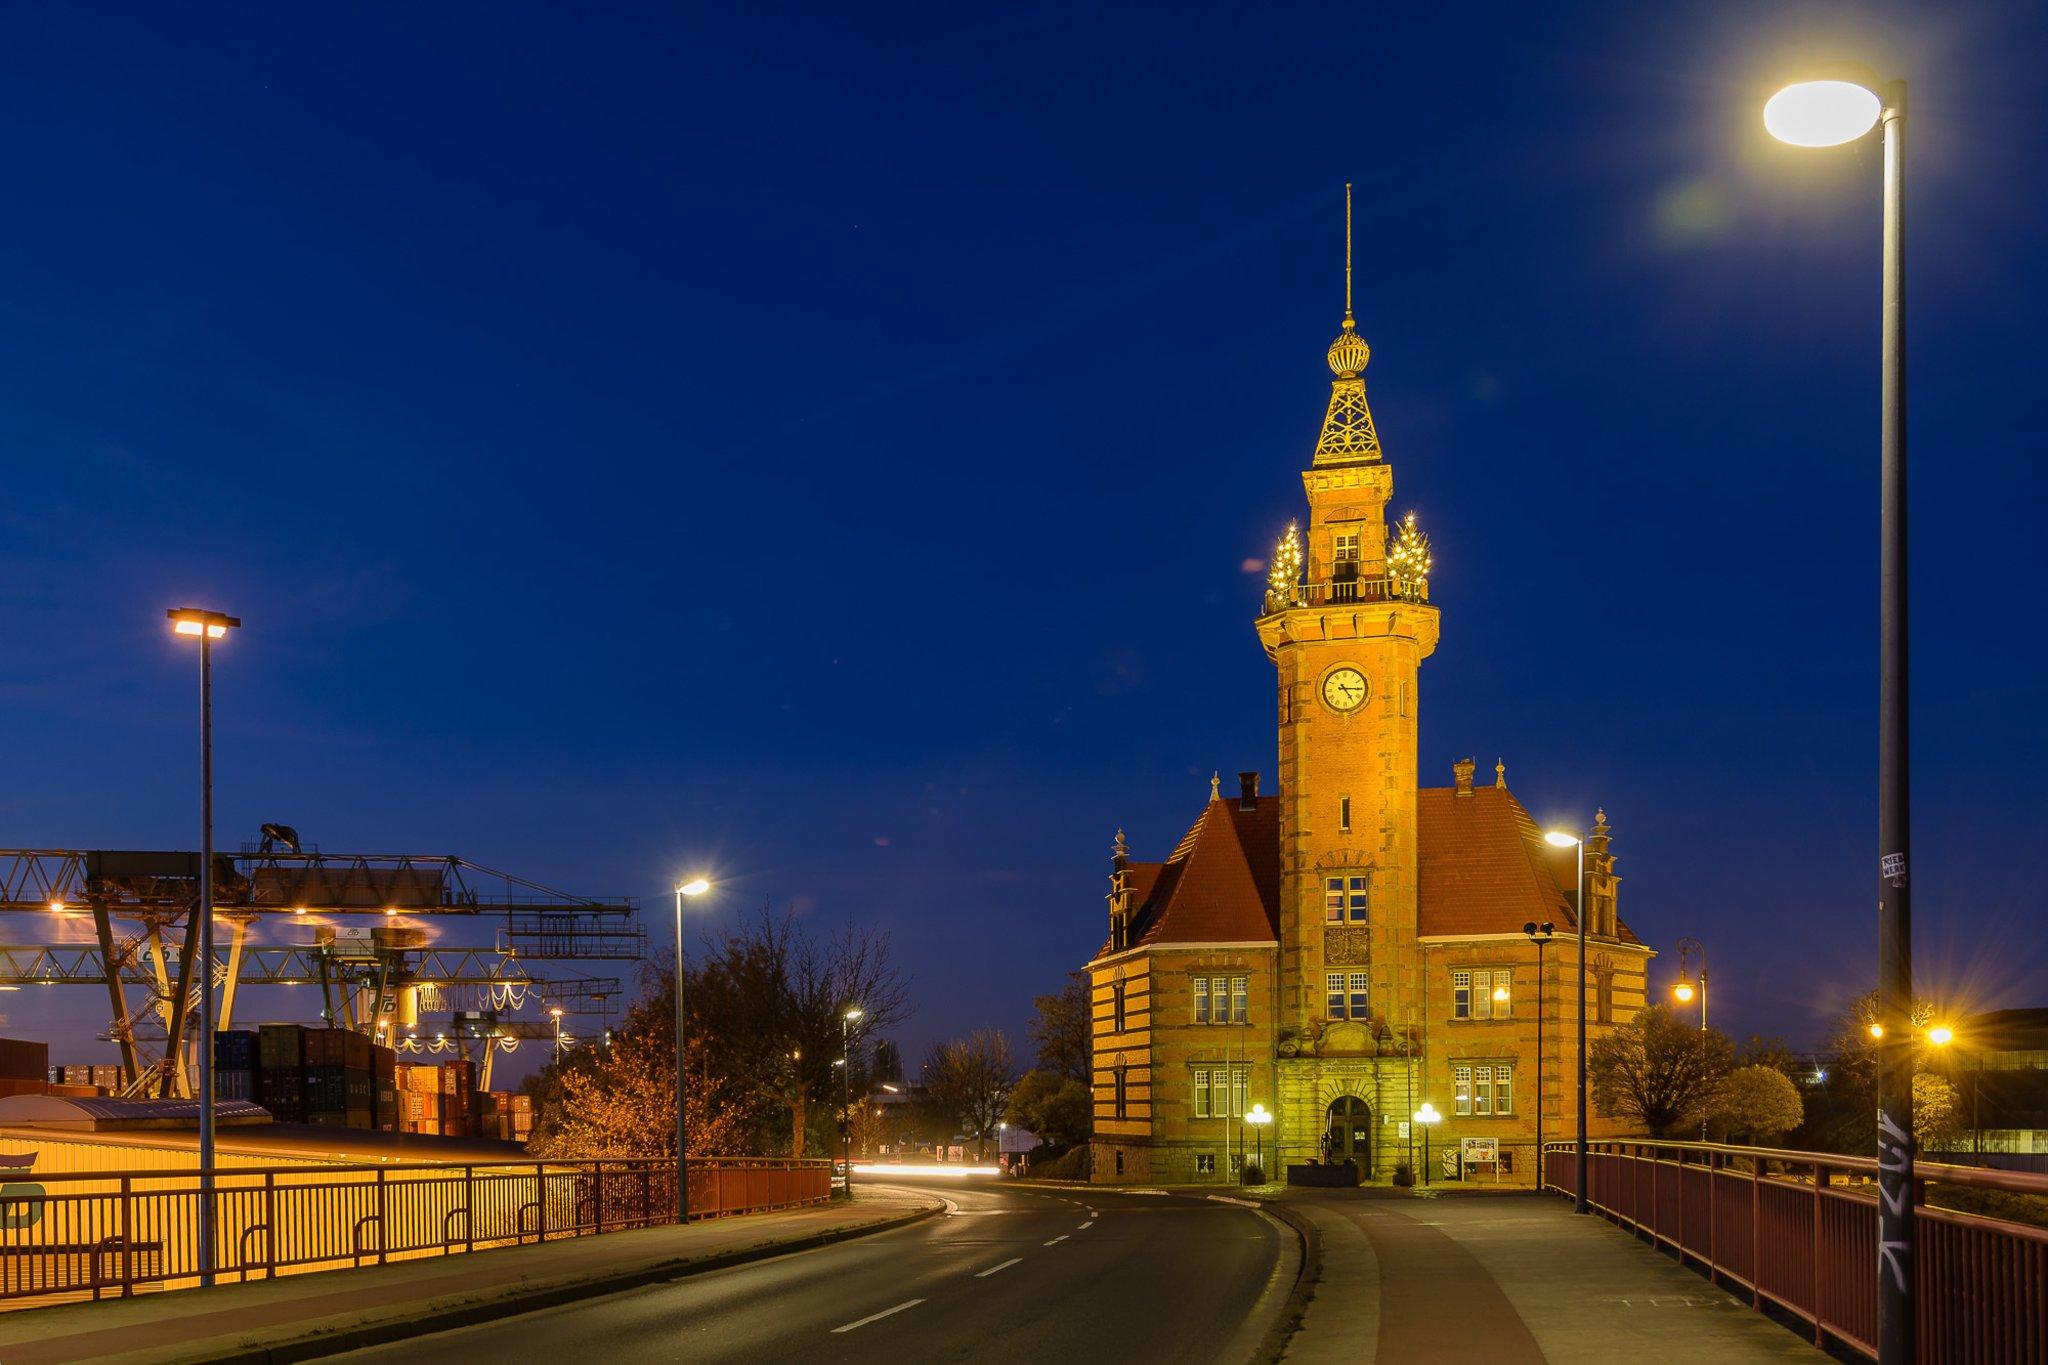 Das Dortmund